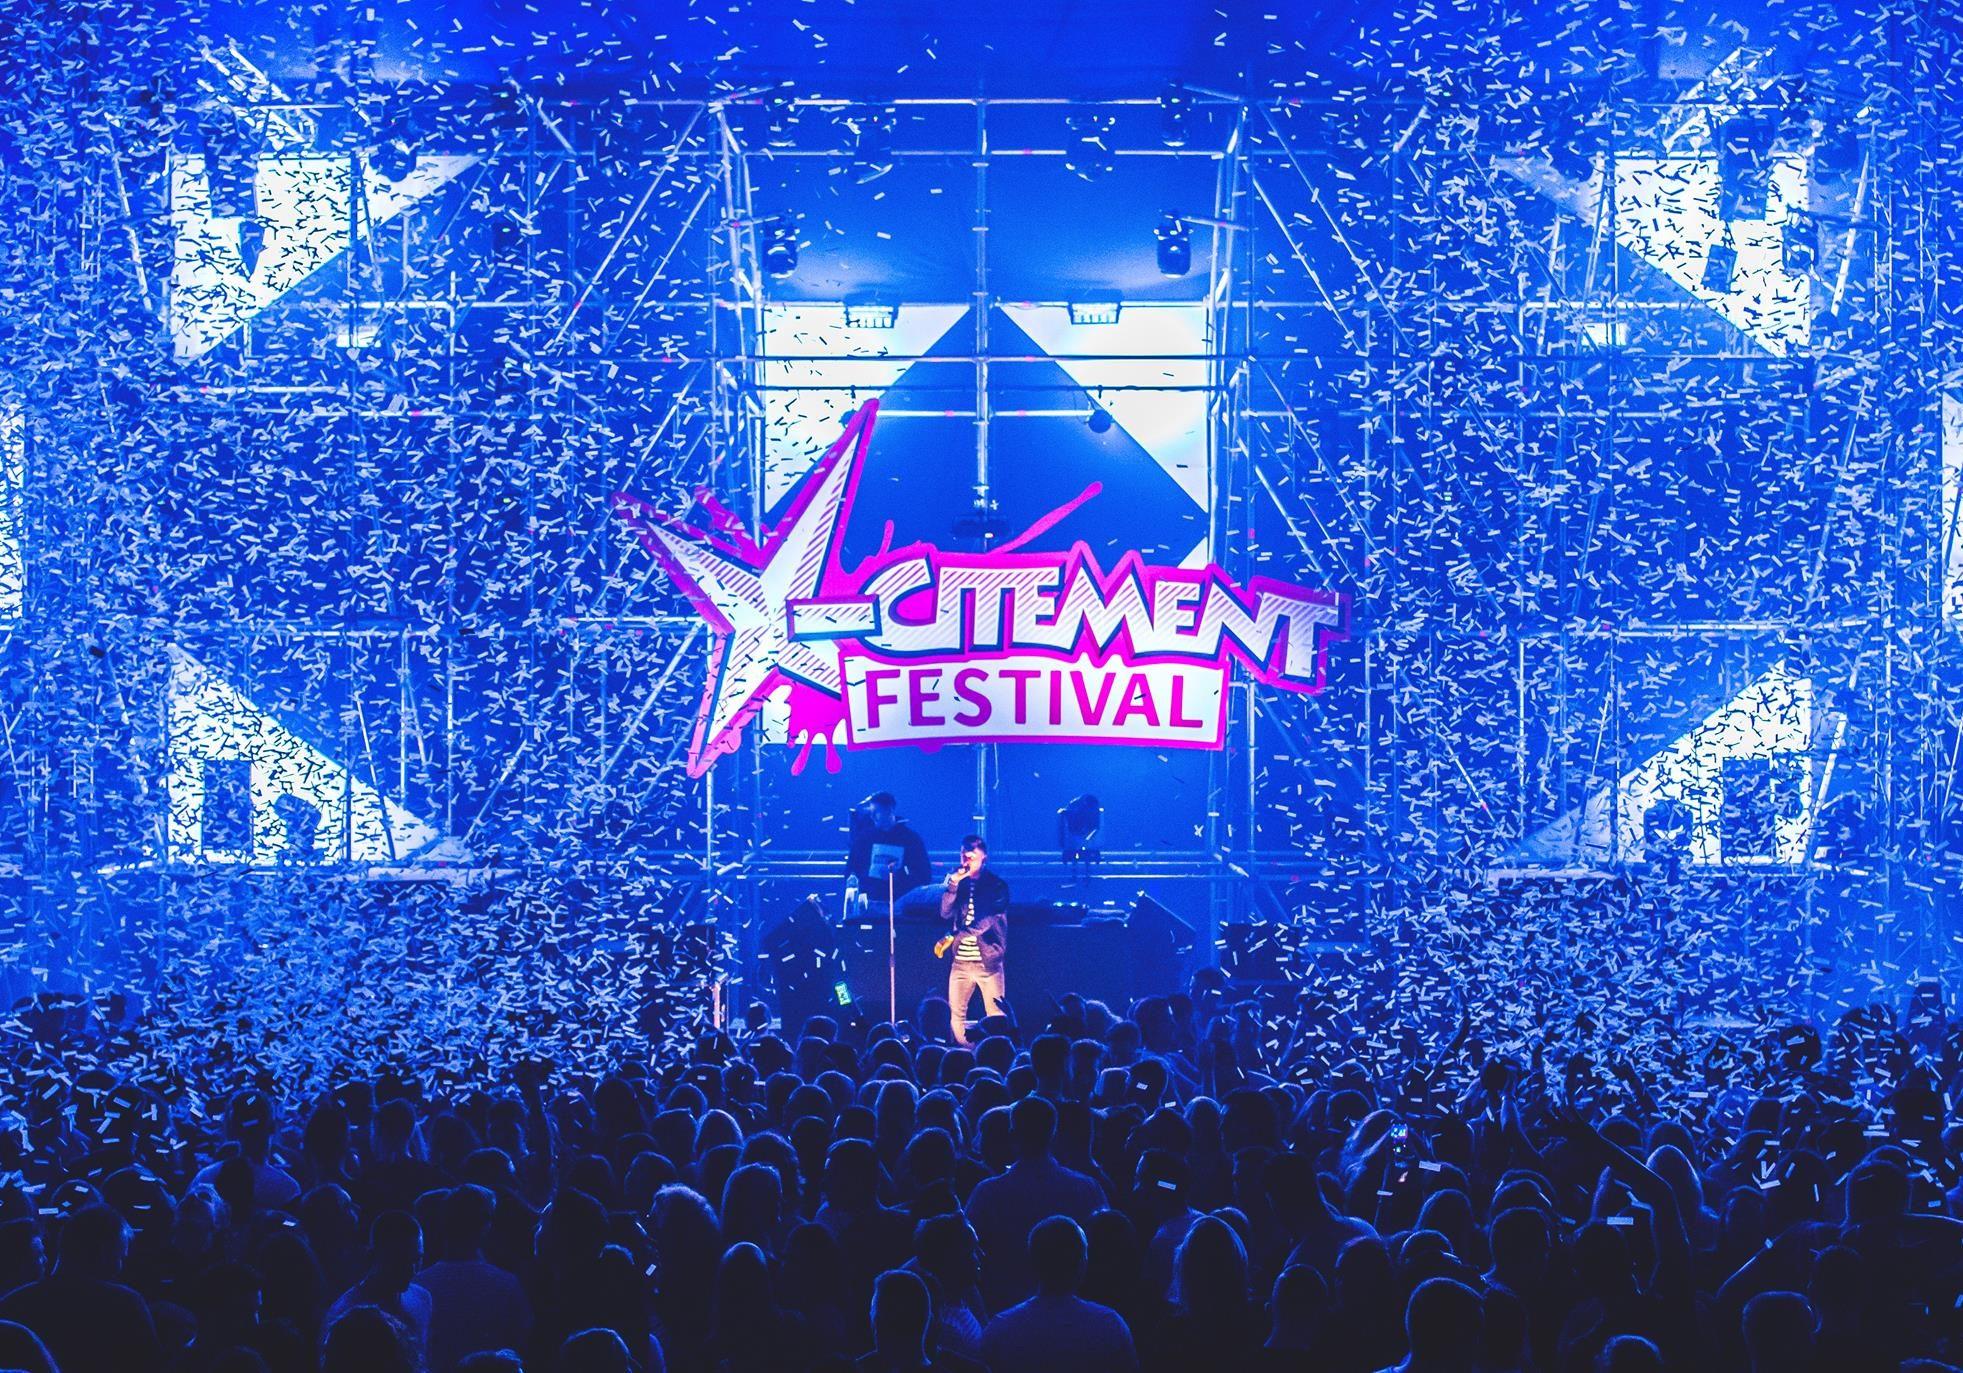 X-citement Festival